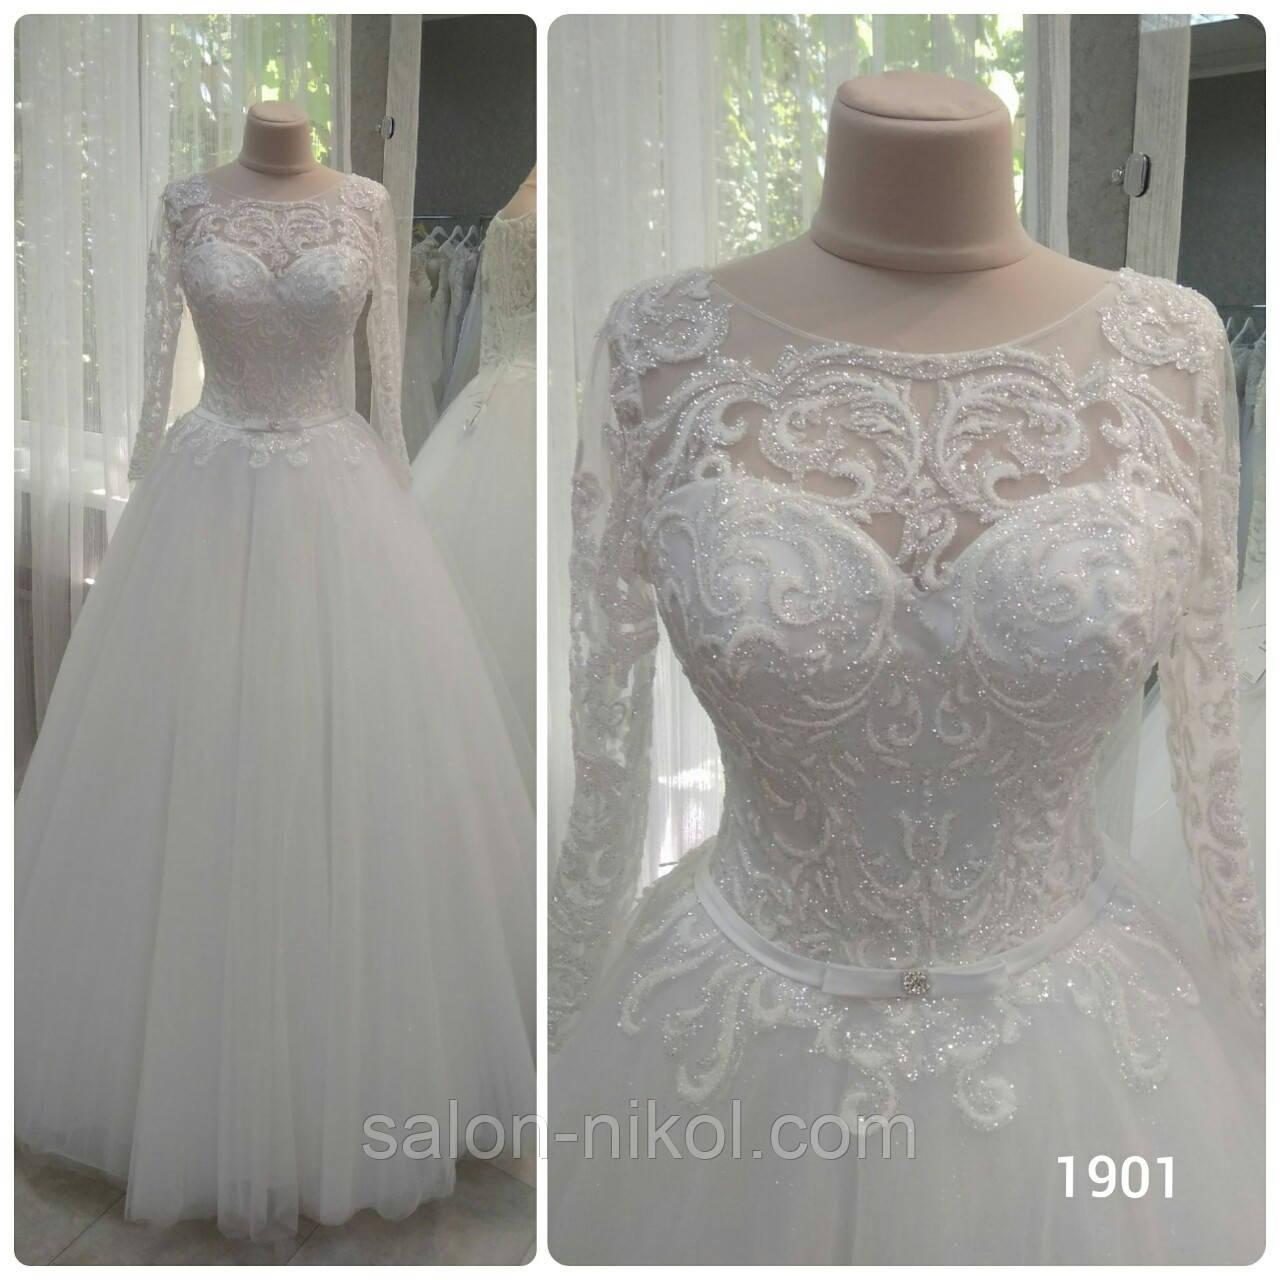 Свадебное платье 1901